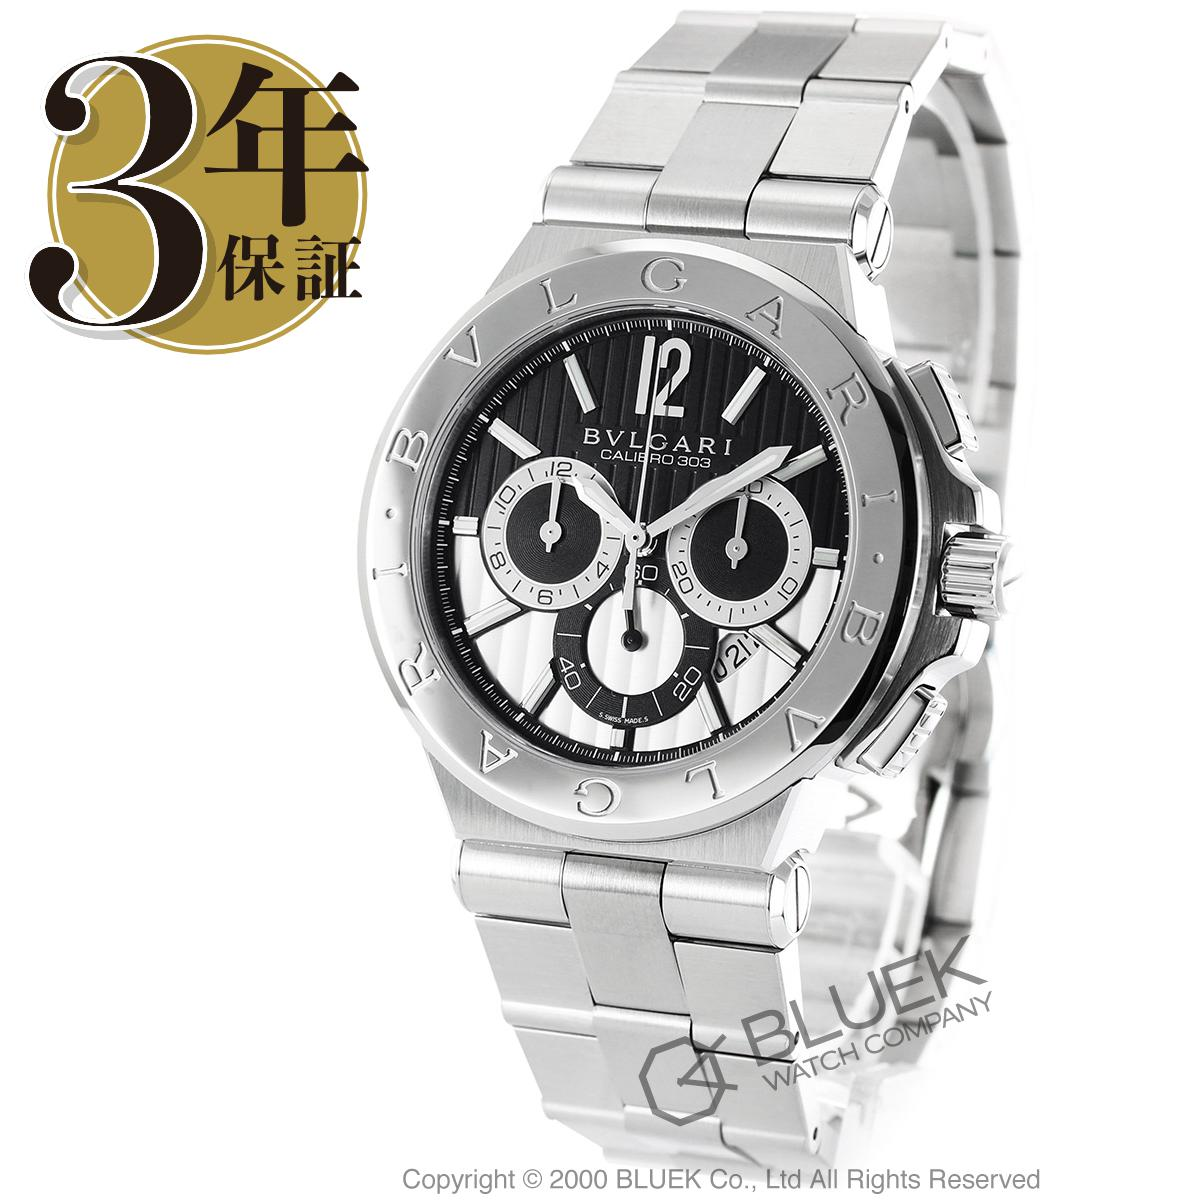 ブルガリ ディアゴノ カリブロ303 クロノグラフ 腕時計 メンズ BVLGARI DG42BSSDCH_8 バーゲン ギフト プレゼント